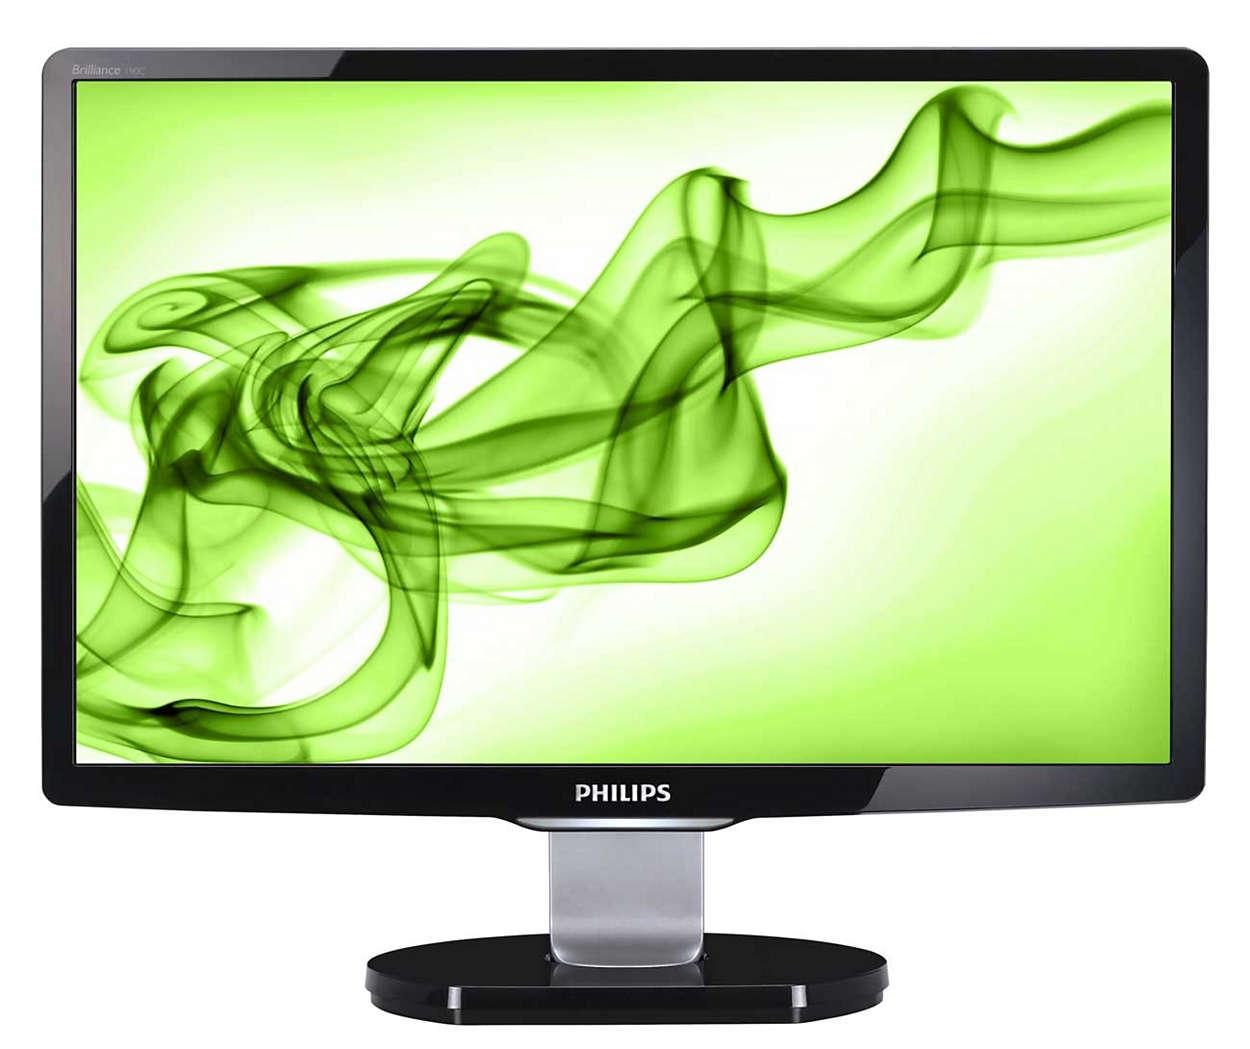 Stylowy monitor z wieloma funkcjami jest idealny do gier